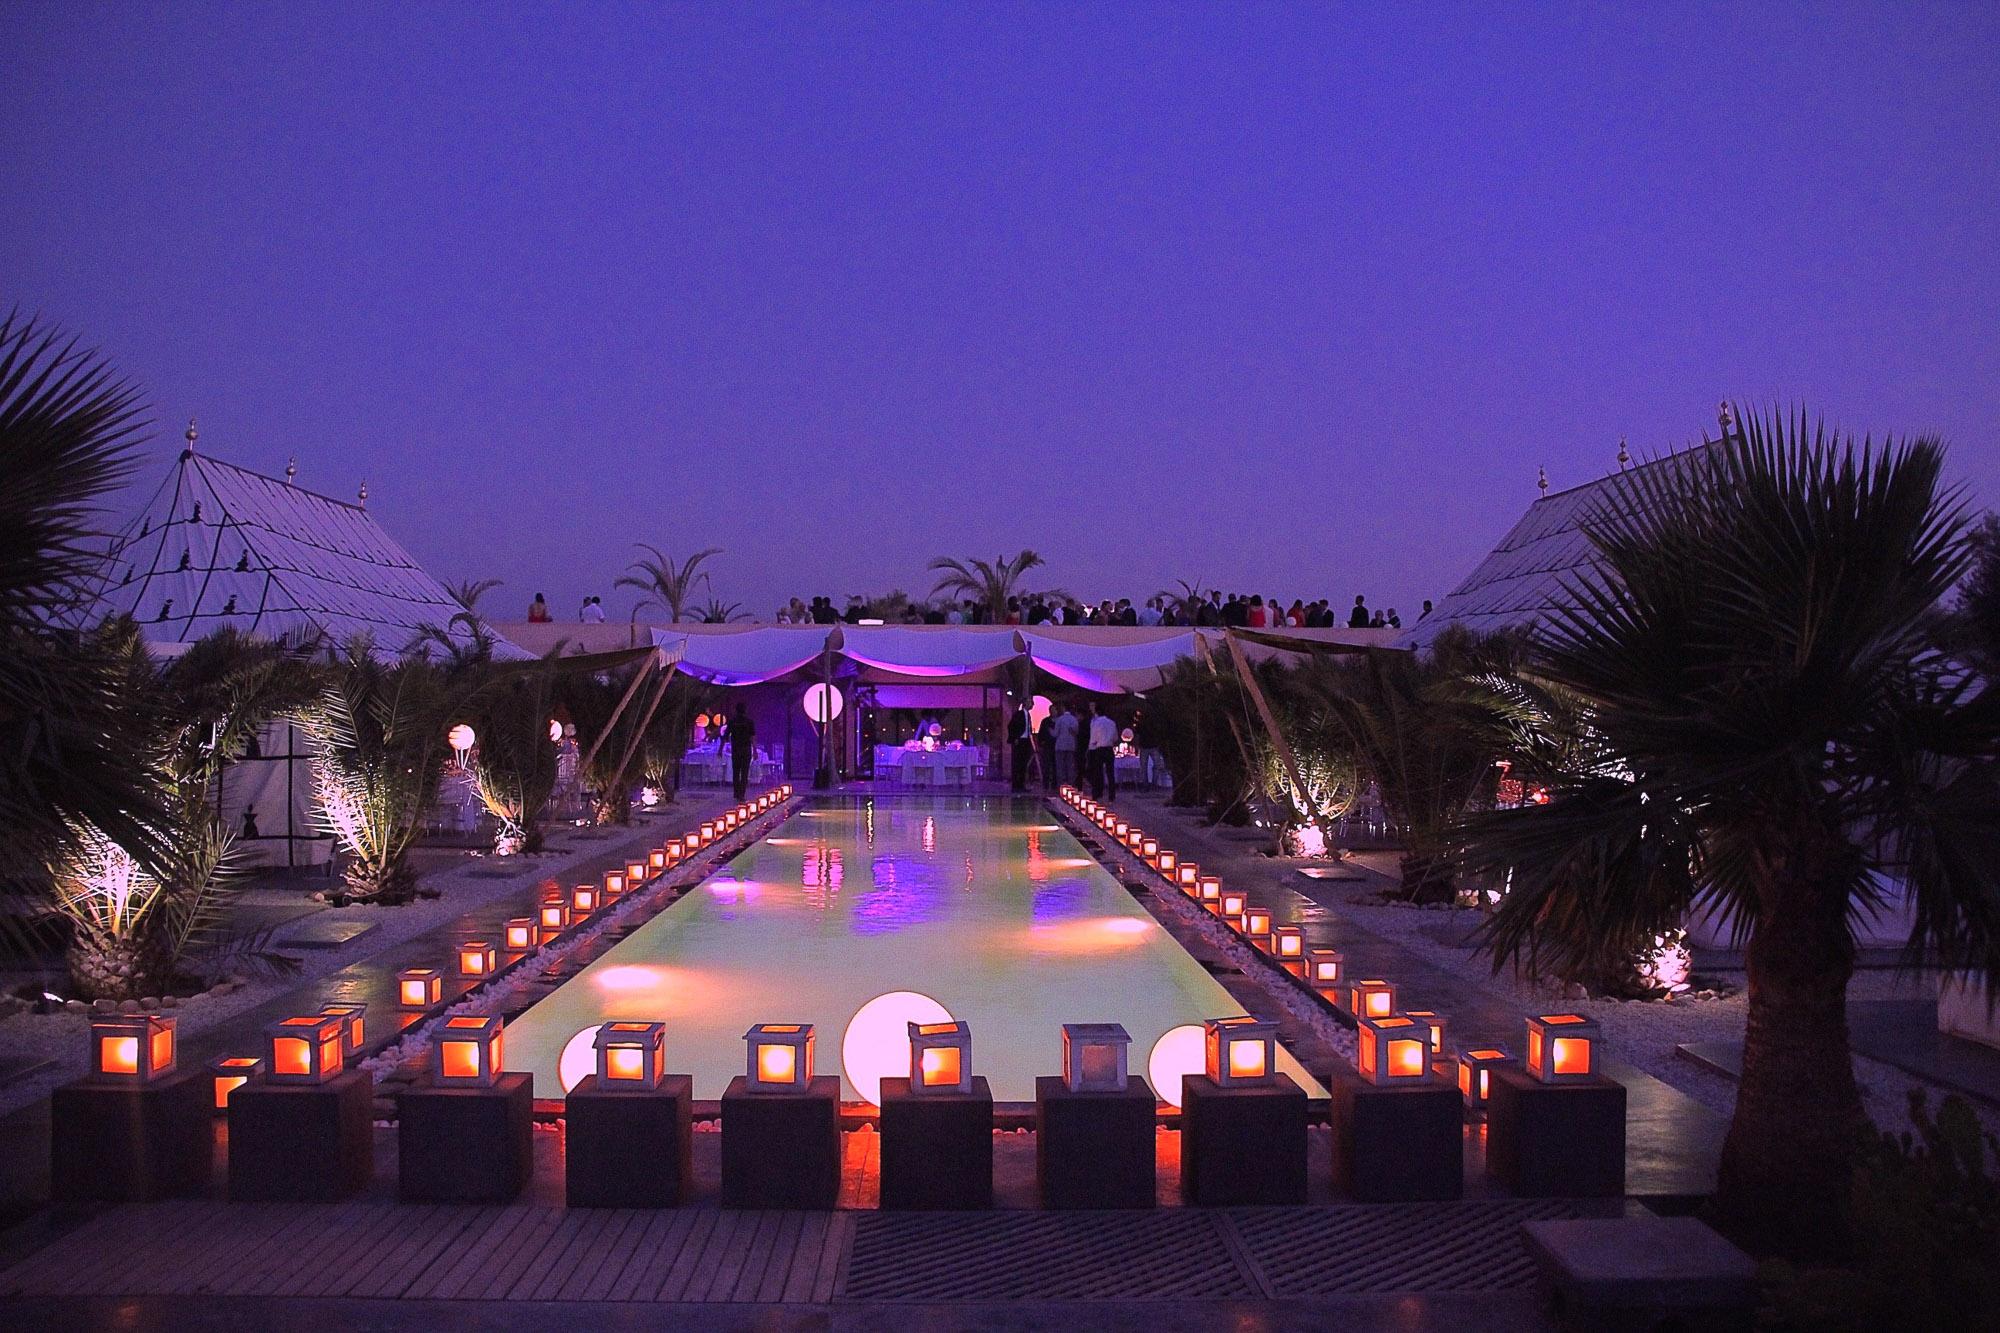 location d'une maison de luxe pour se marier au maroc à marrakech